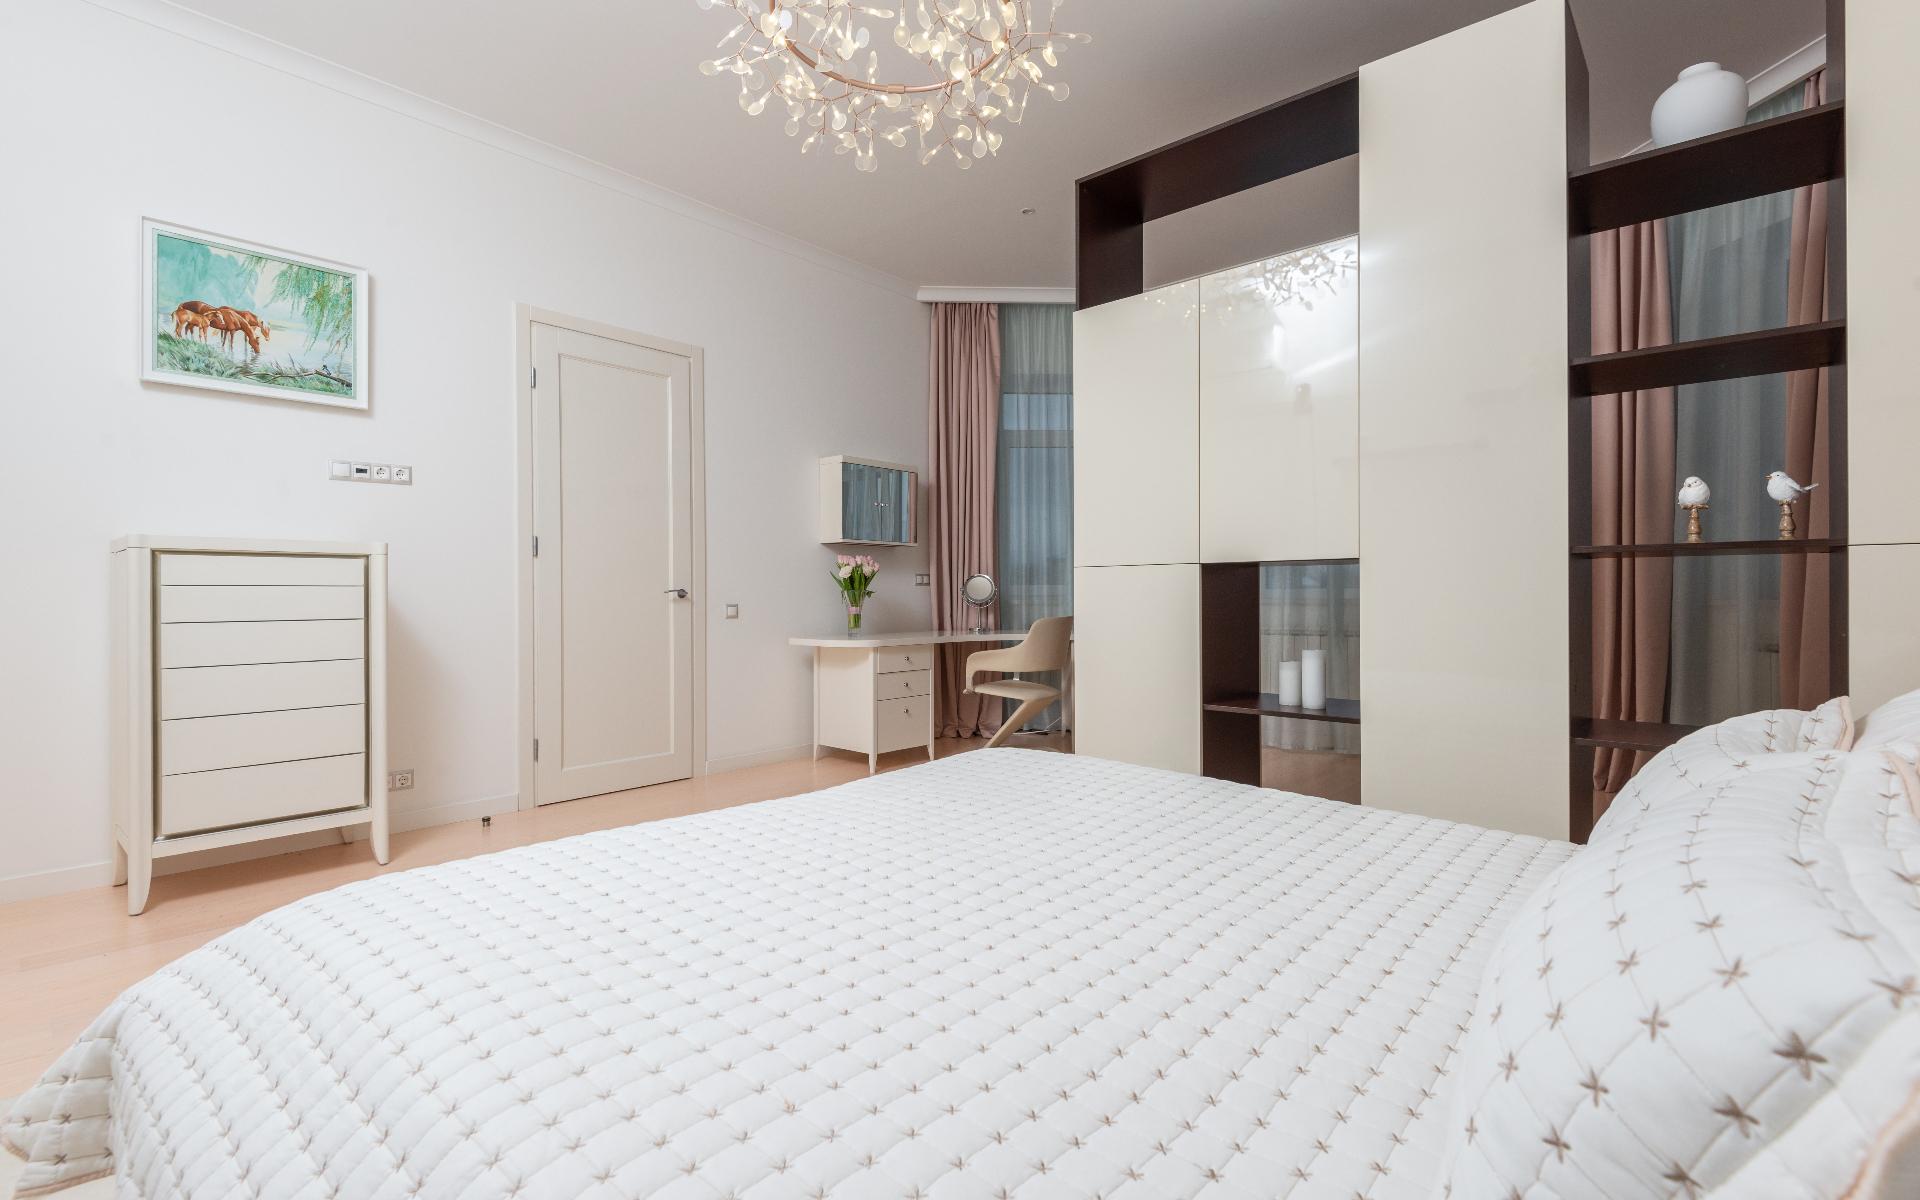 Регистрация жильца в сдаваемой квартире — обязанность собственника